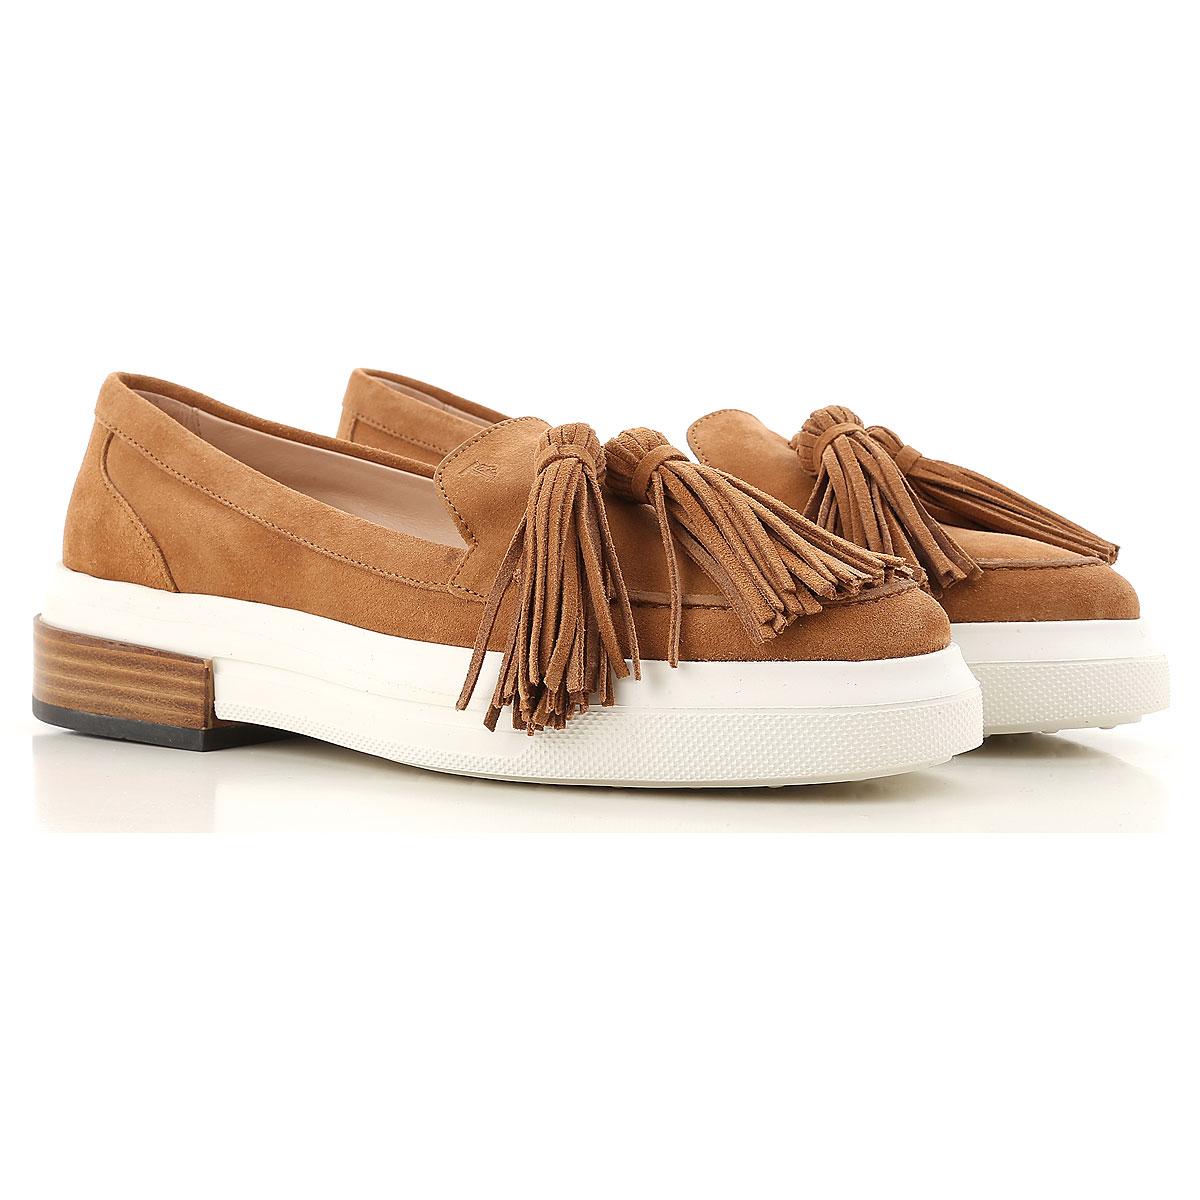 Tods Zapatos de Mujer raffaello-network Cuero YC8lw